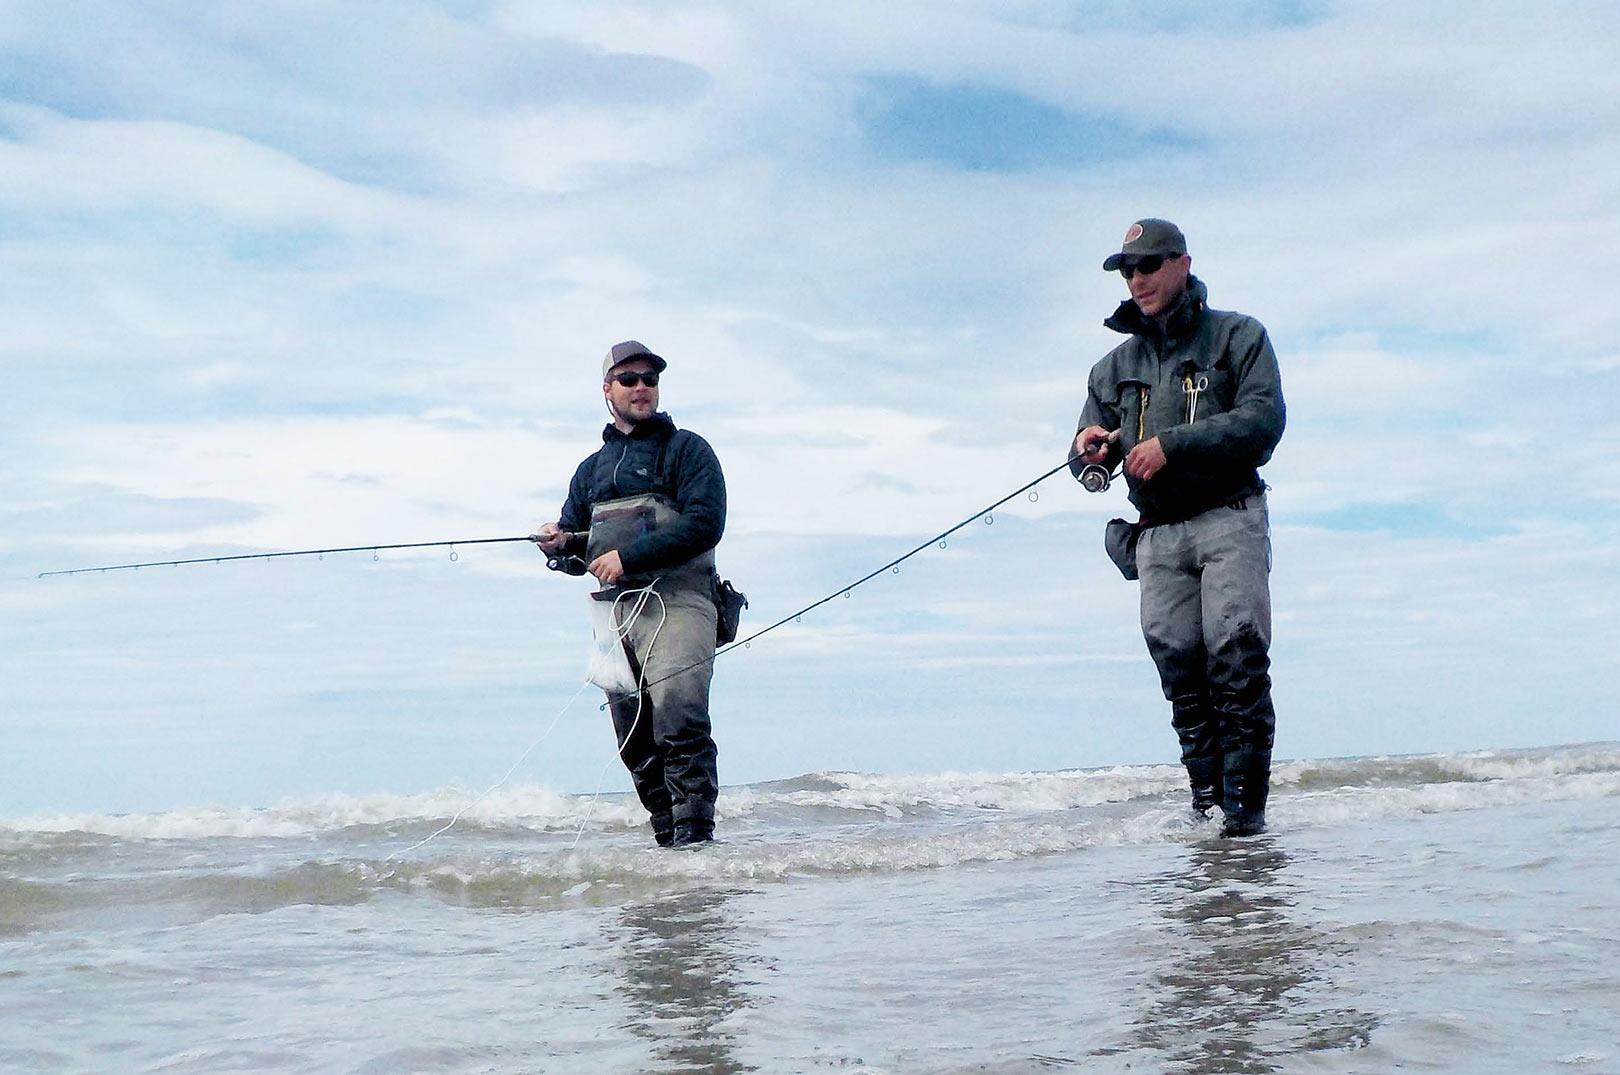 Stefan og Henrik afsøger strandskyllet side om side. Pighvarfiskeri er et hyggeligt og roligt fiskeri.